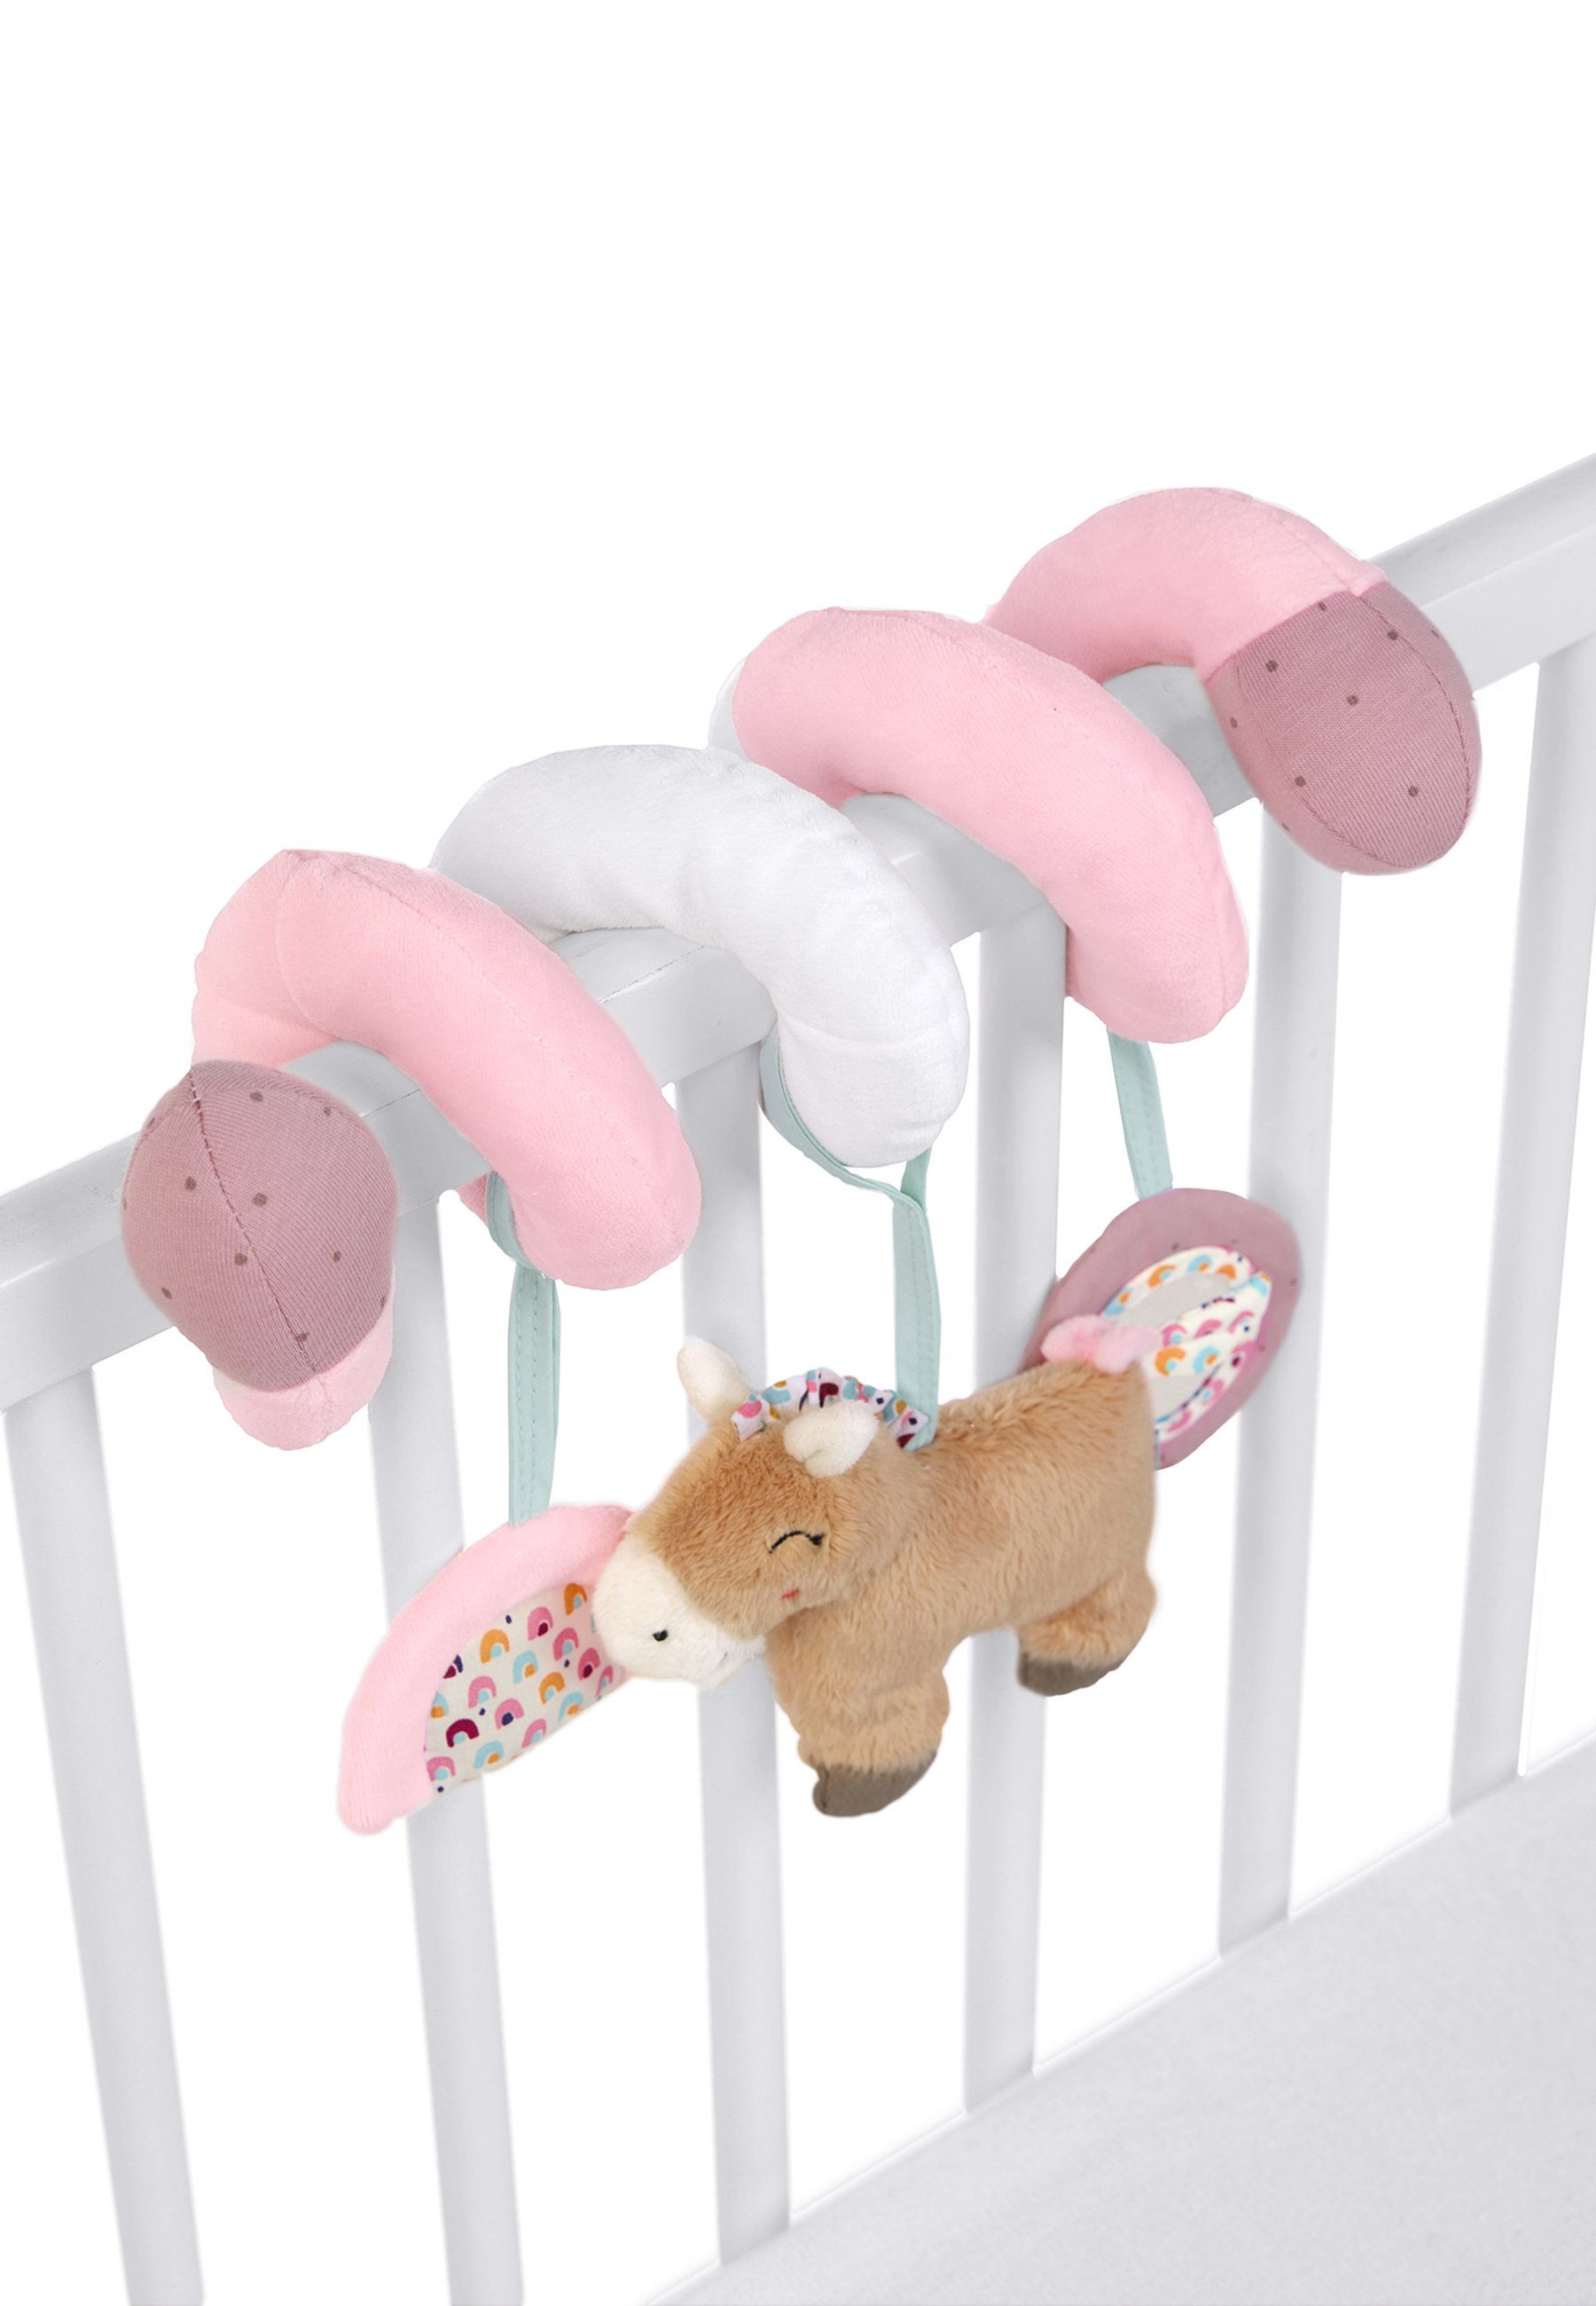 Kinder SPIELZEUGSPIRALE PAULINE - Spielzeug